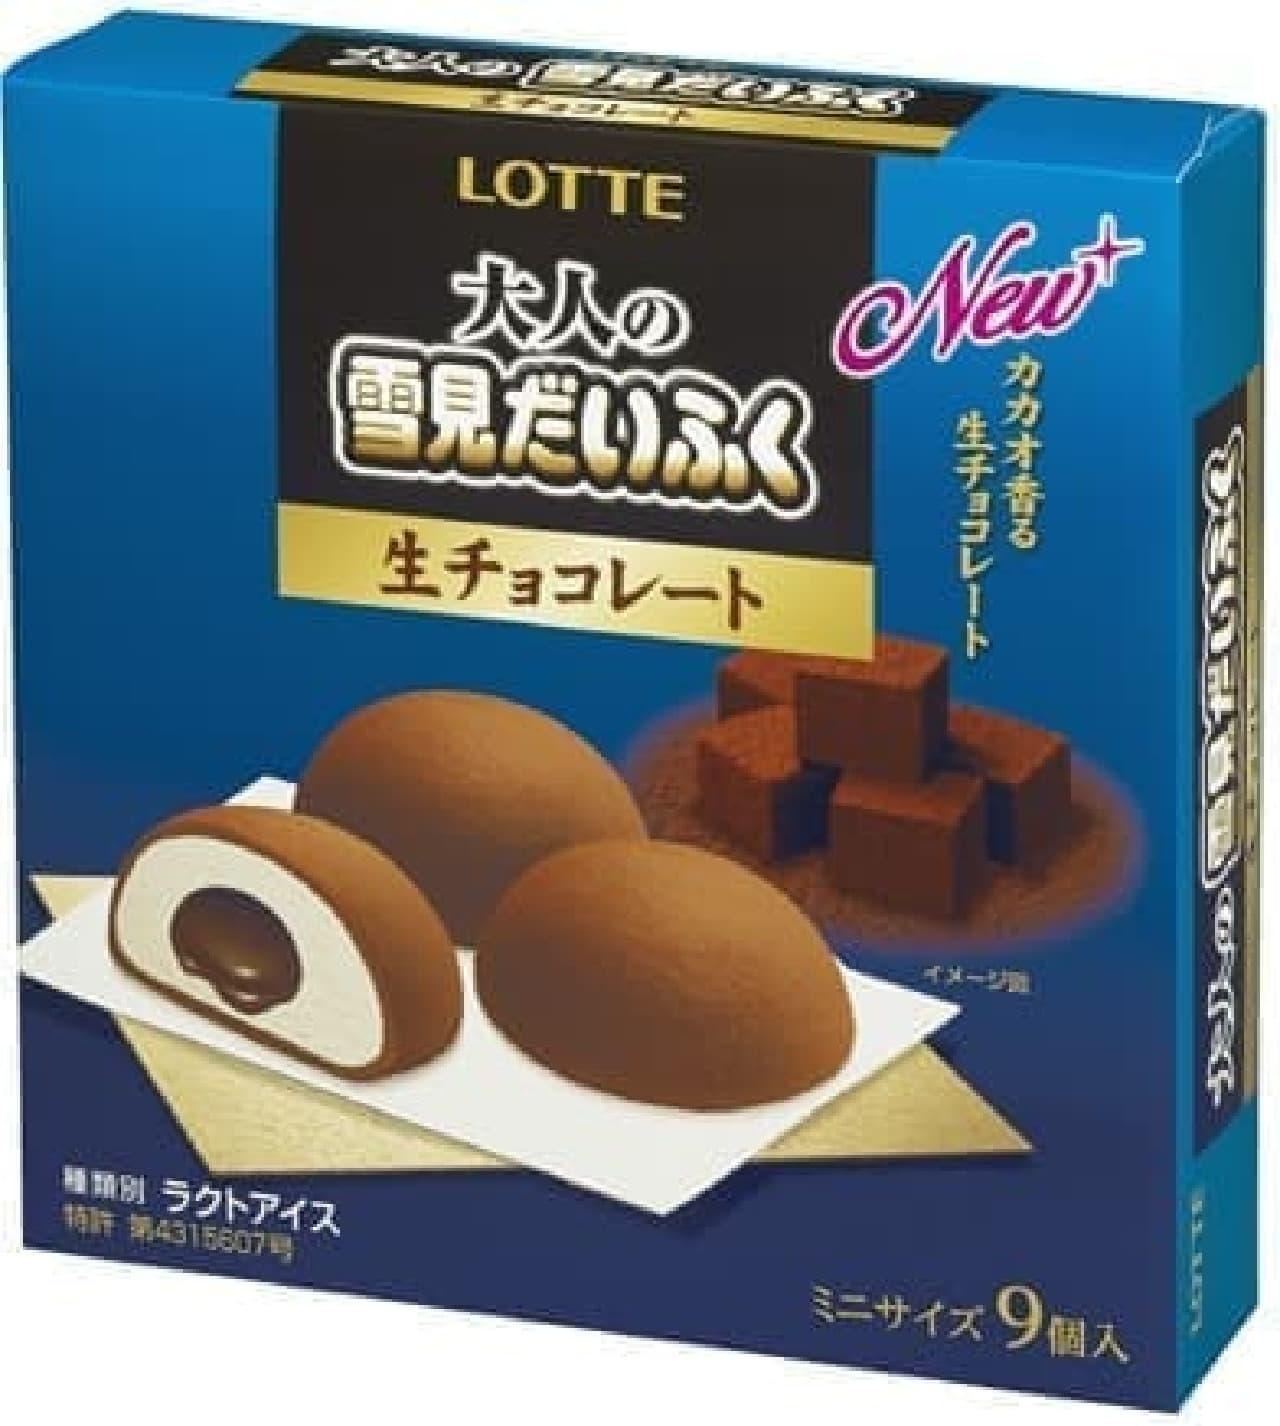 カカオ香る「生チョコレート」も